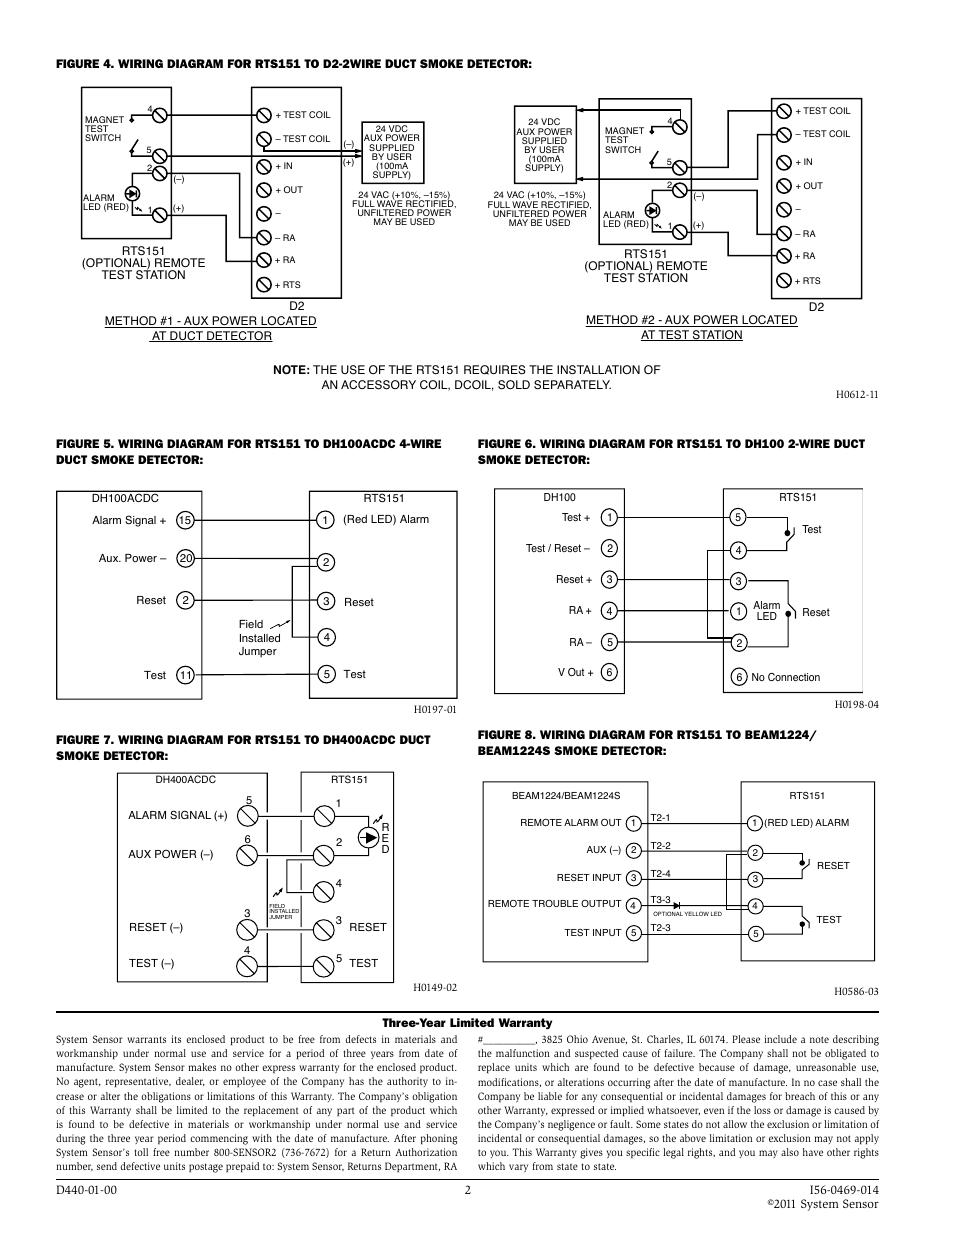 system sensor rts151 page2?resize=665%2C861 glamorous system sensor rts151 wiring diagram pictures wiring system sensor dnr wiring diagram at edmiracle.co